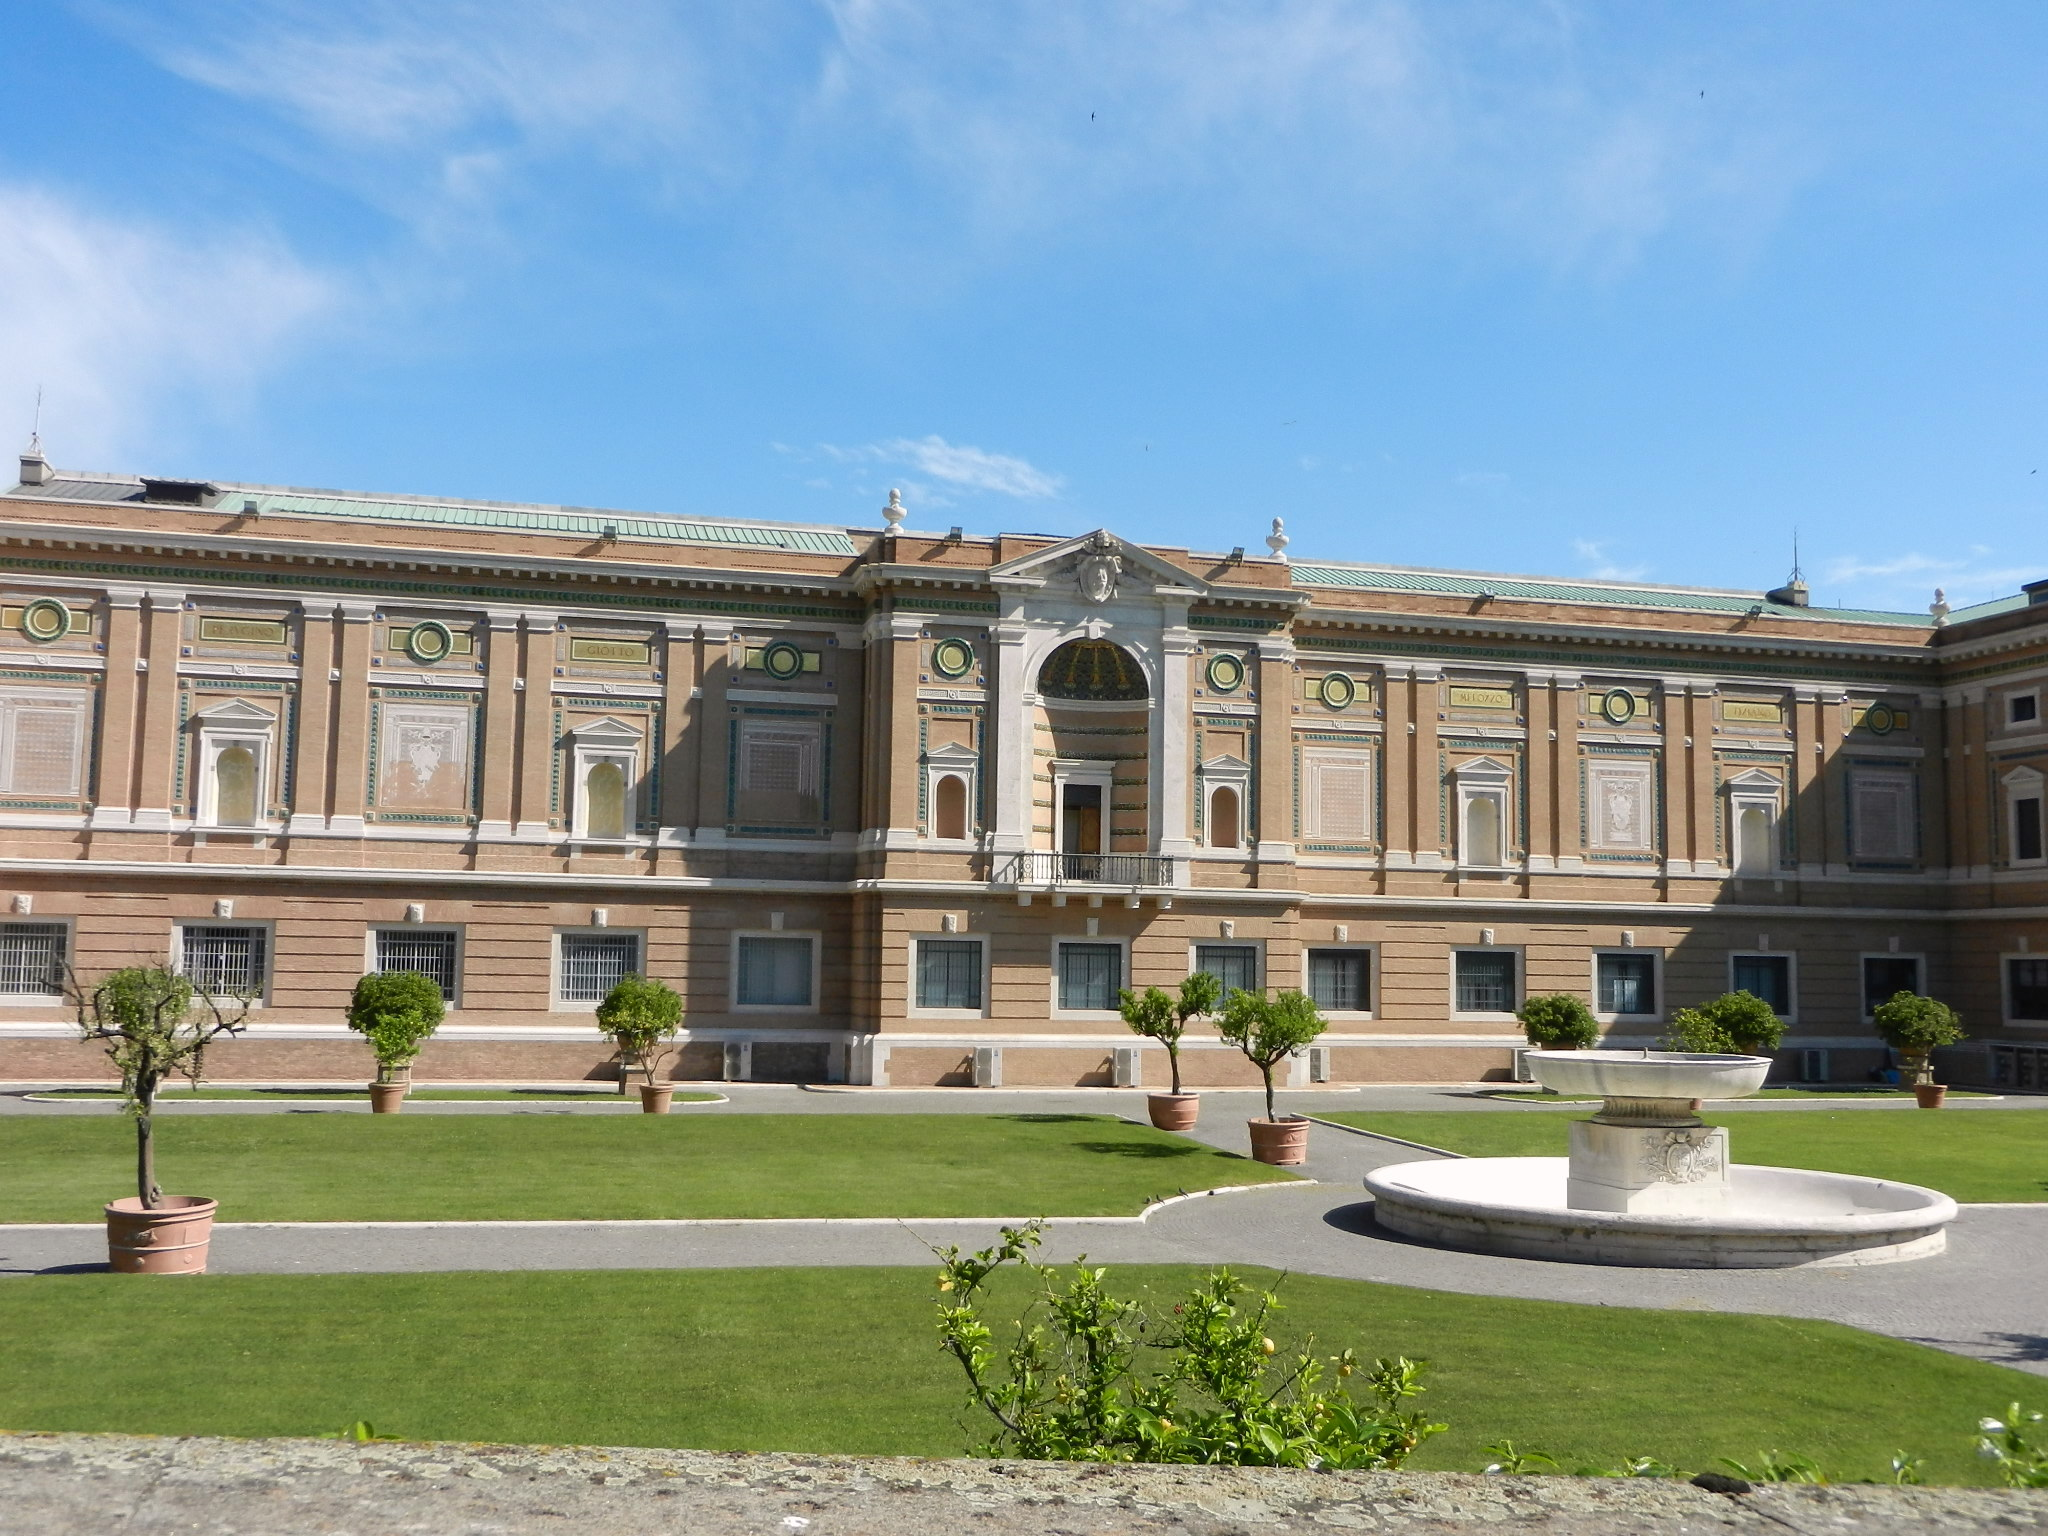 Vatican Gardens, Vatican City State